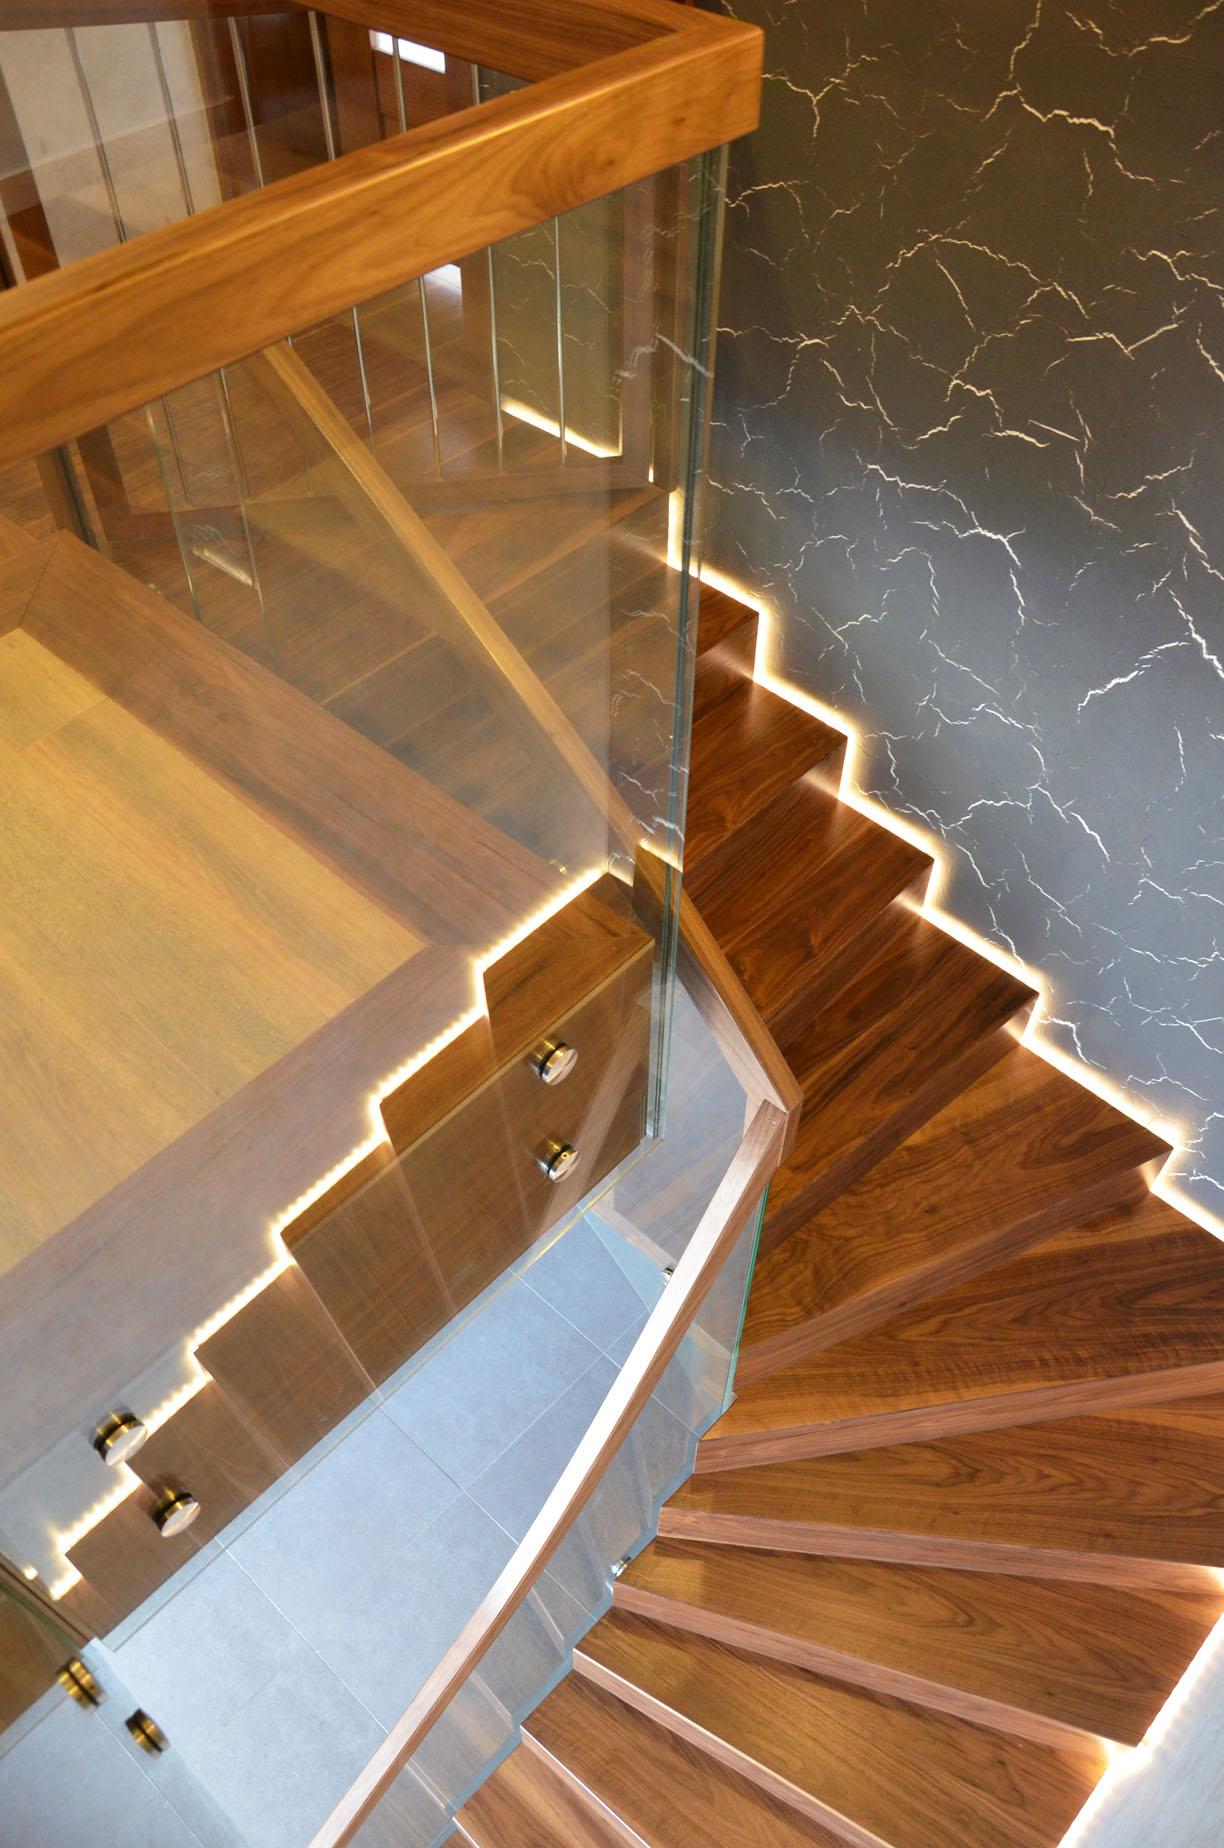 ab-schody-dywanowe-z-orzecha-amerykanskiego-6